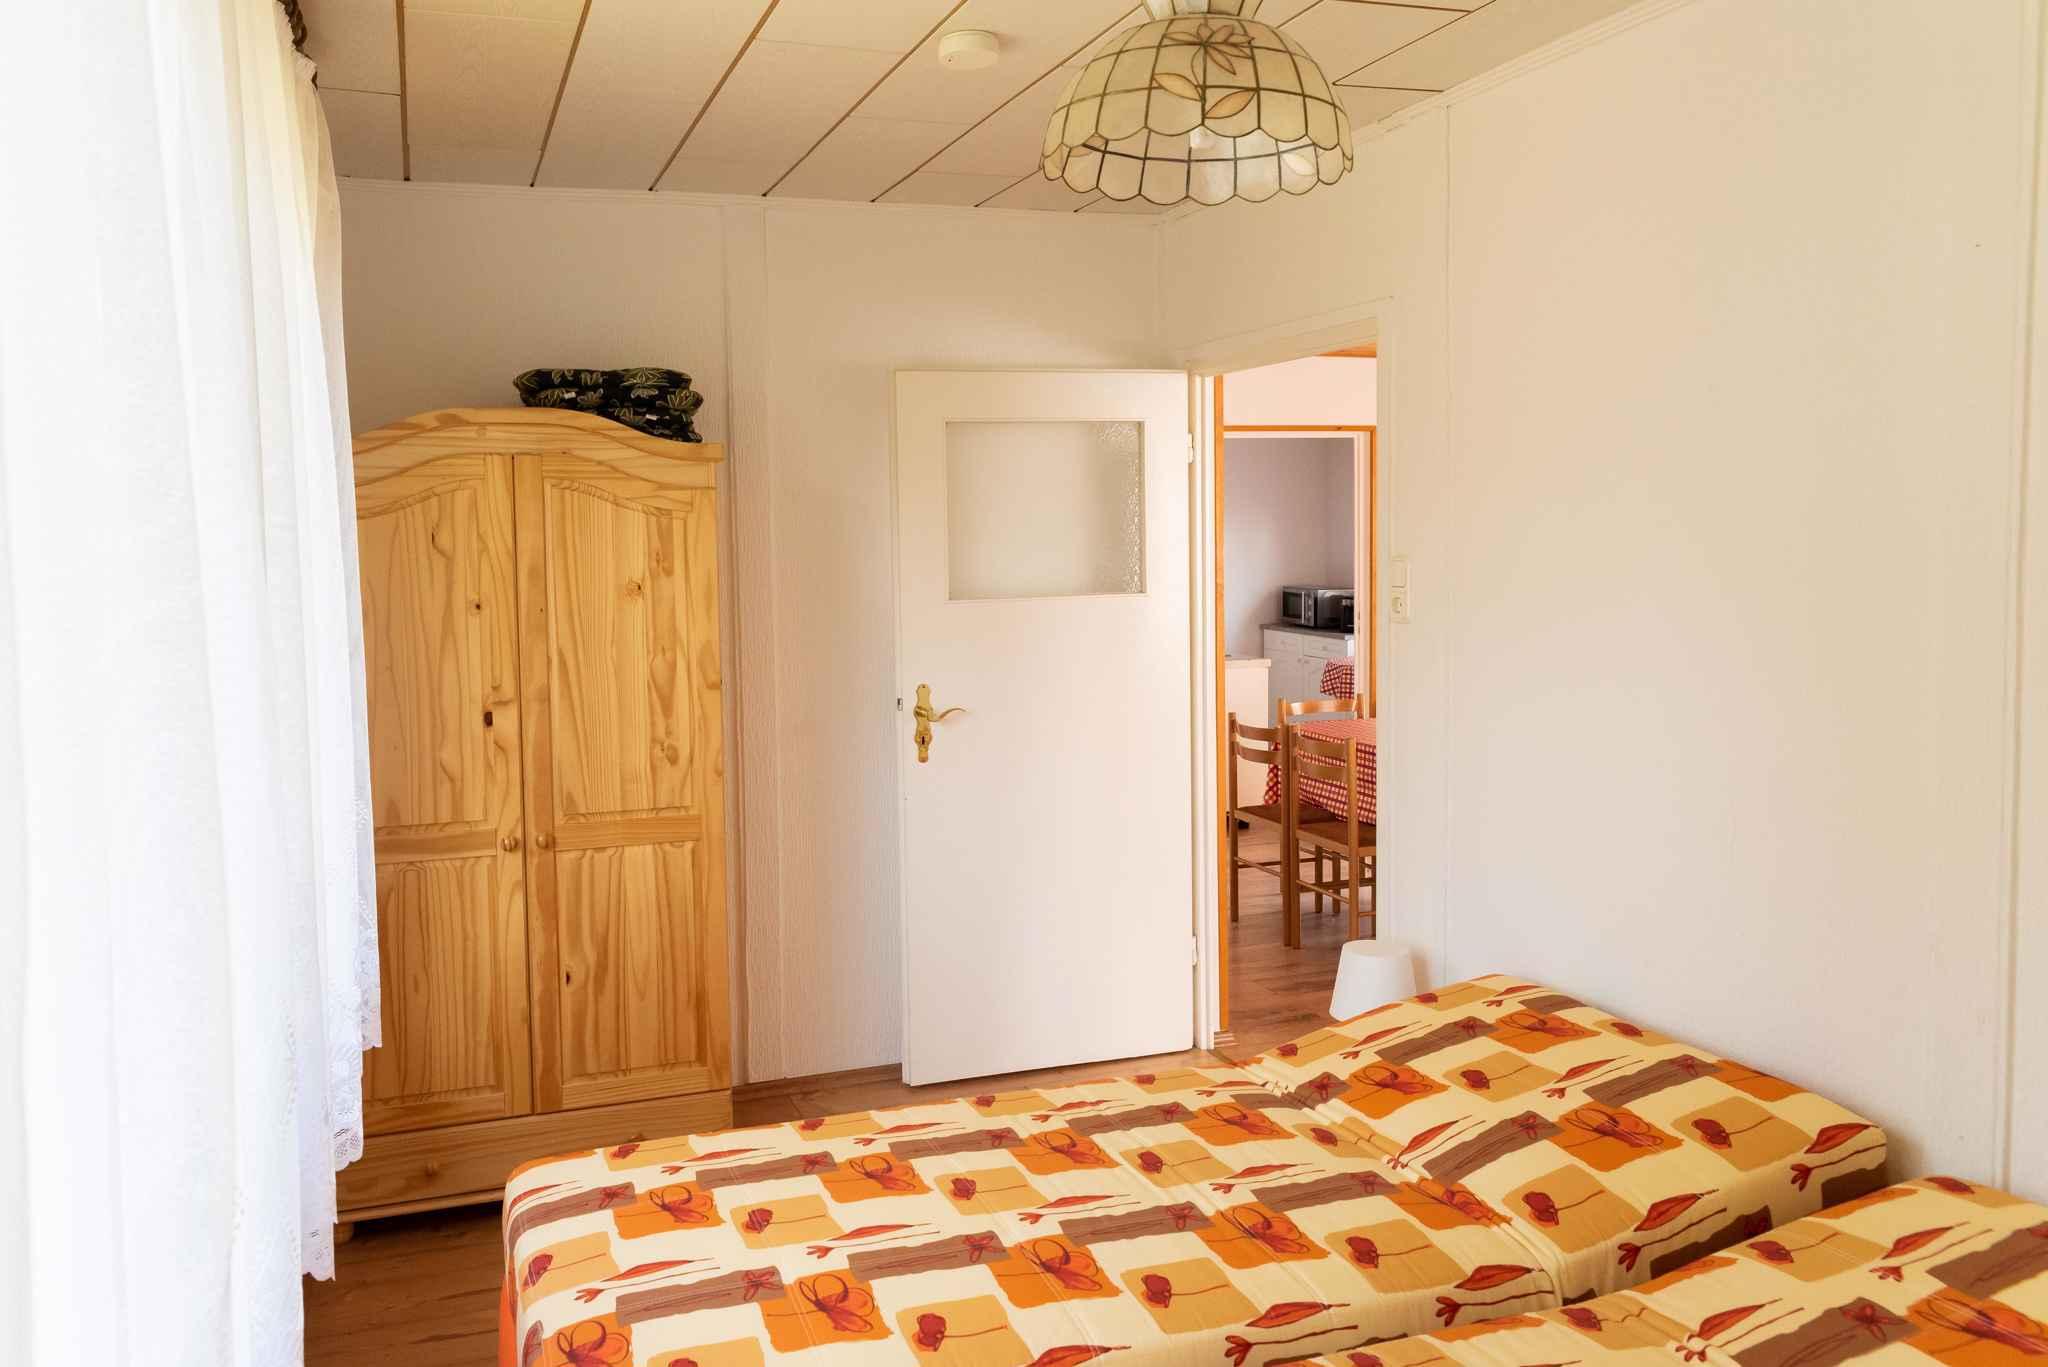 Ferienhaus Bungalow mit Terrasse und Garten (365438), Fuhlendorf, Ostseeküste Mecklenburg-Vorpommern, Mecklenburg-Vorpommern, Deutschland, Bild 14